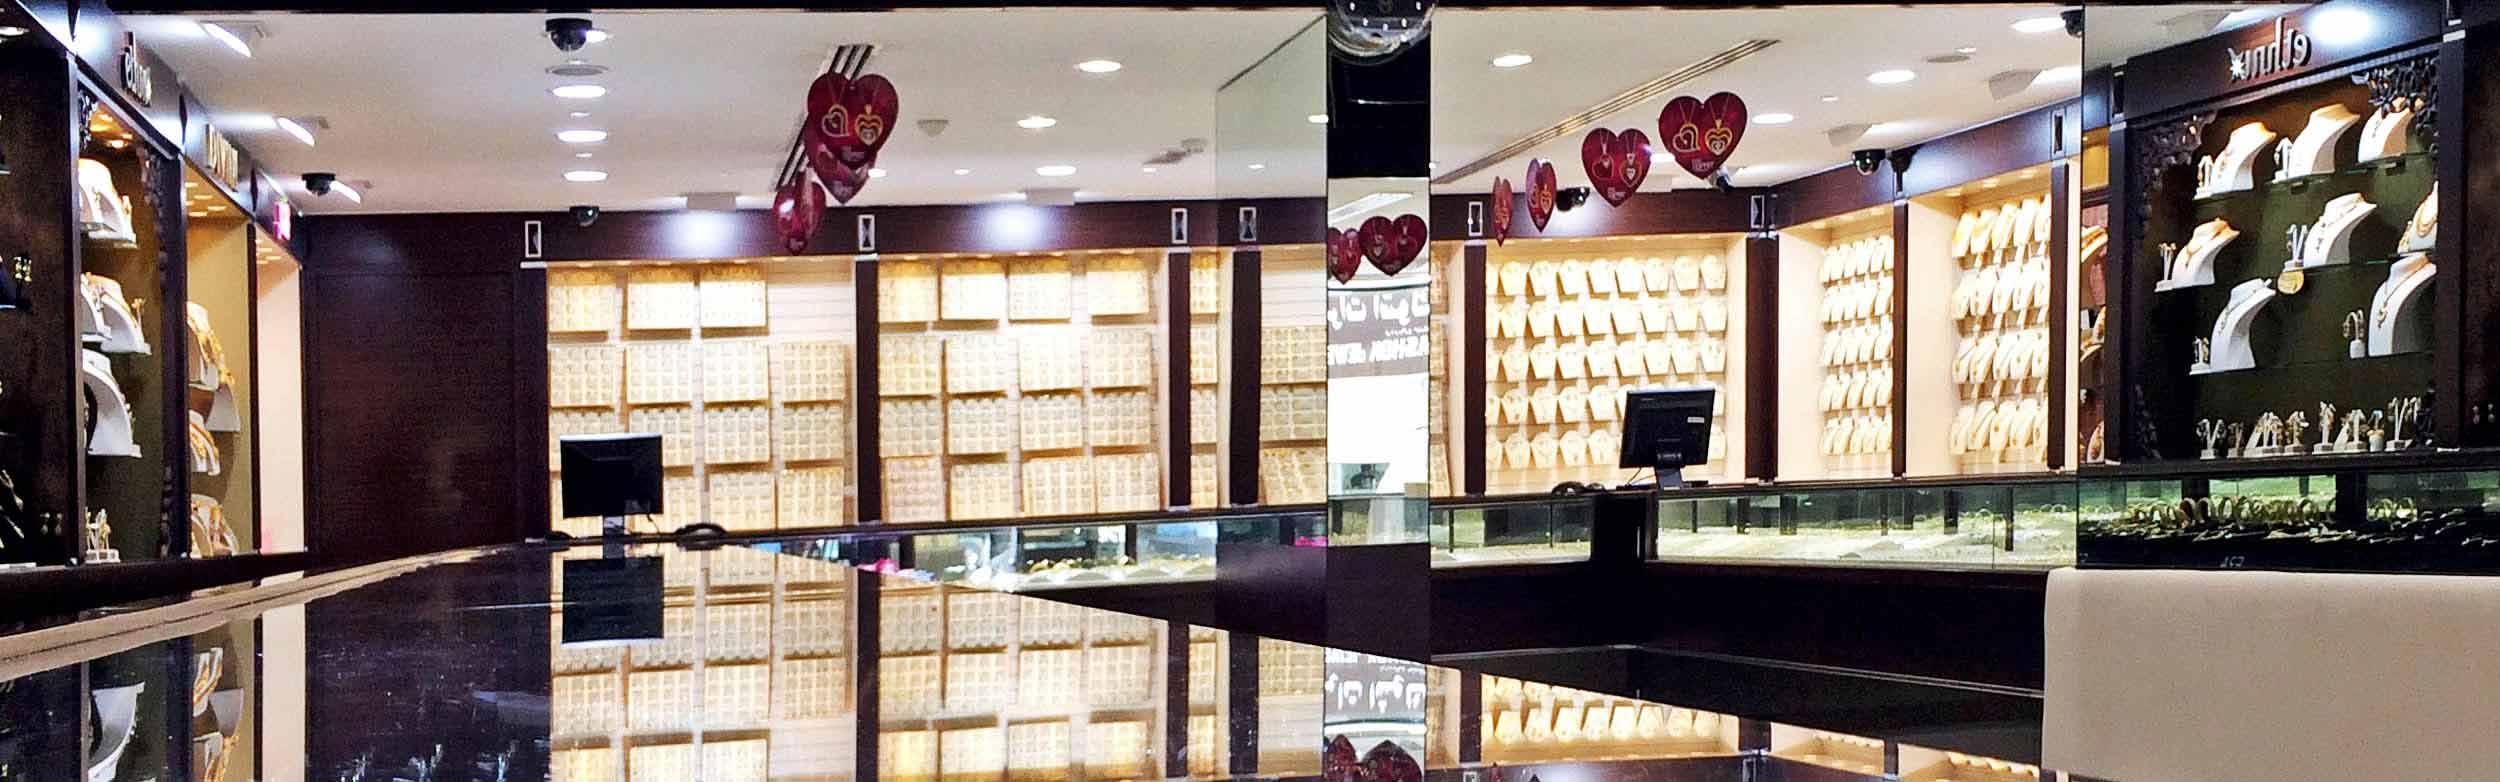 Malabar gold jewellery designs dubai - Malabar Gold Jewellery Designs Dubai 22